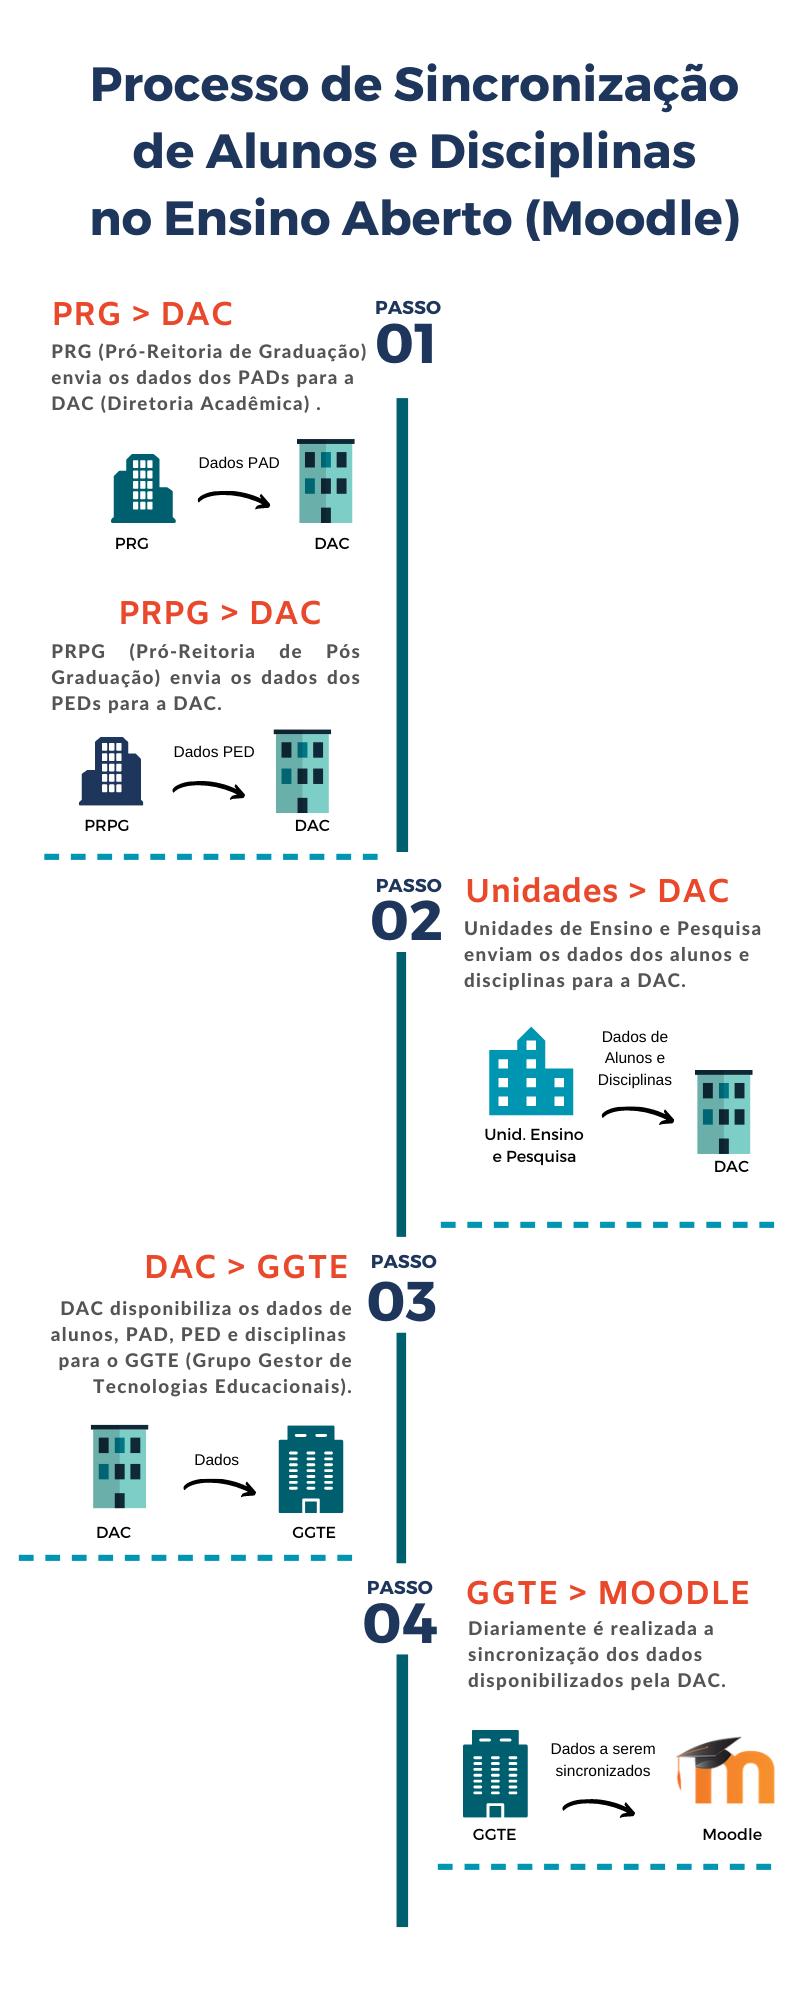 Processo de Sincronização de Alunos e Disciplinas no Ensino Aberto (Moodle).  Passo 1 - PRG (Pró-Reitoria de Graduação) envia os dados dos PADs para a DAC (Diretoria Acadêmica) . PRPG (Pró-Reitoria de Pós Graduação) envia os dados dos PEDs para a DAC. Passo 2 - Unidades de Ensino e Pesquisa enviam os dados dos alunos e disciplinas para a DAC. Passo 3 - DAC disponibiliza os dados  de alunos, PAD, PED e disciplinas  para o GGTE (Grupo Gestor de Tecnologias Educacionais). Passo 4 - Diariamente é realizada a sincronizaçãodos dados disponibilizados pela DAC.